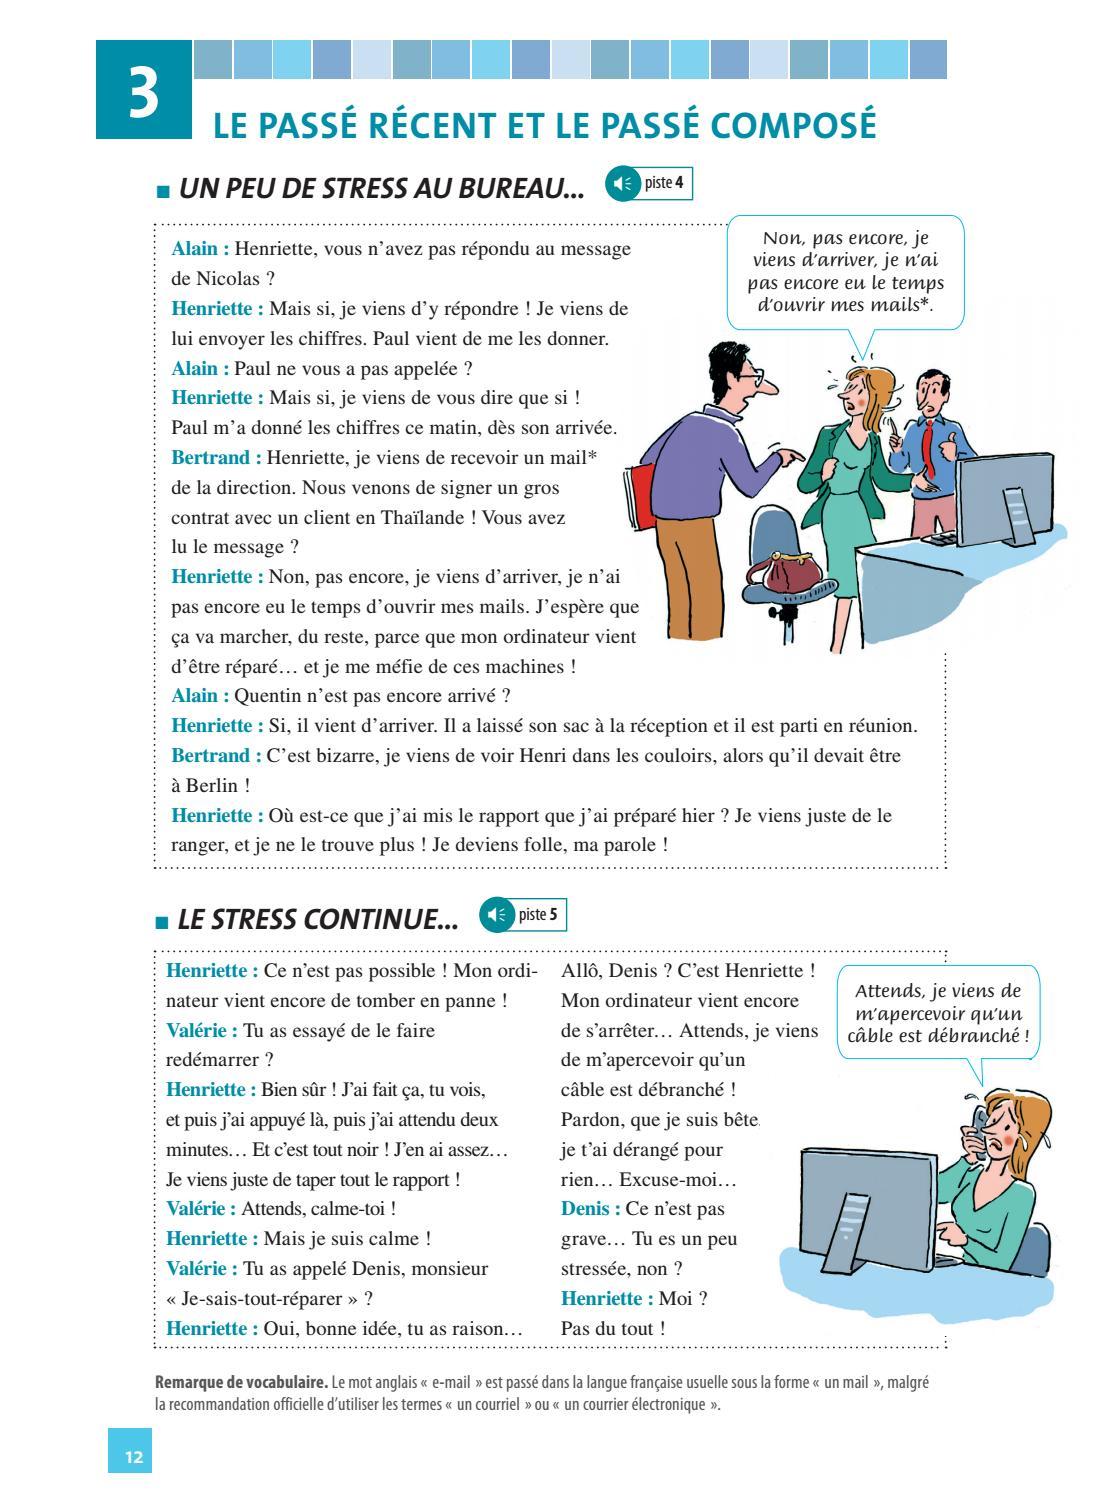 Je Viens De M Apercevoir : viens, apercevoir, Extrait, Grammaire, Dialogues, International, Issuu